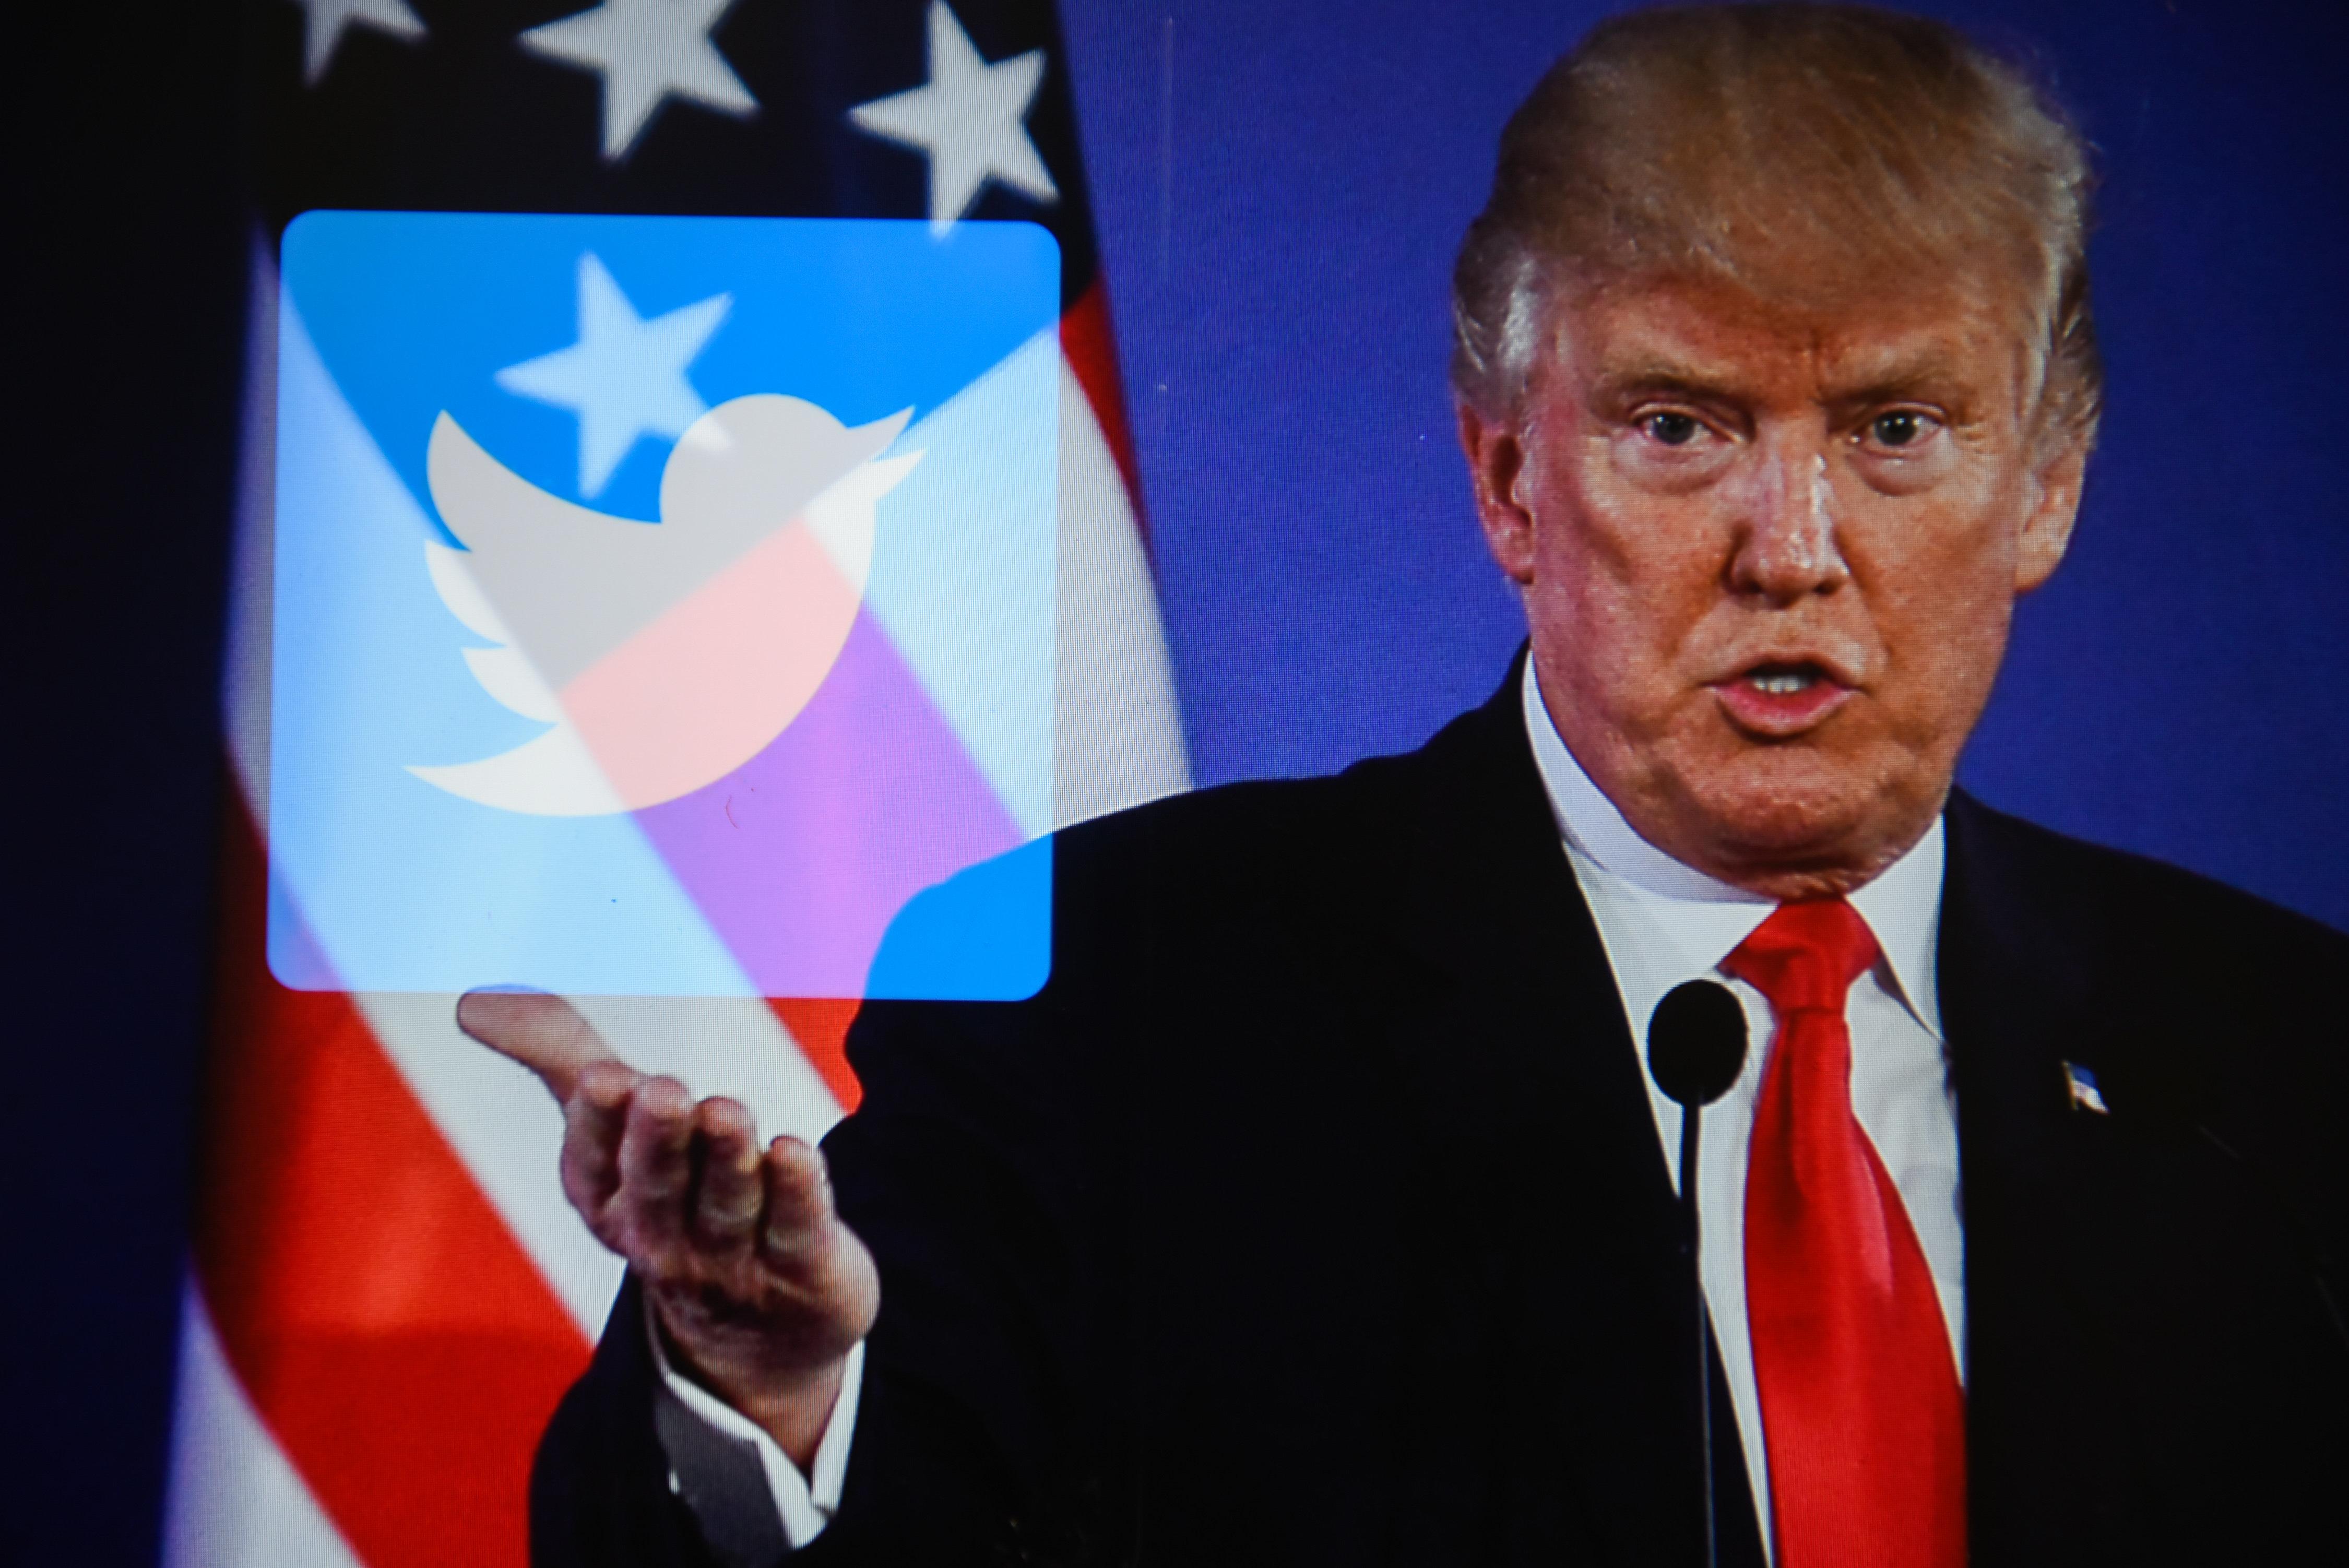 Ο Τραμπ σε ρόλο Δον Κιχώτη: «Google, Facebook, Twitter θέλουν να φιμώσουν ένα κομμάτι του